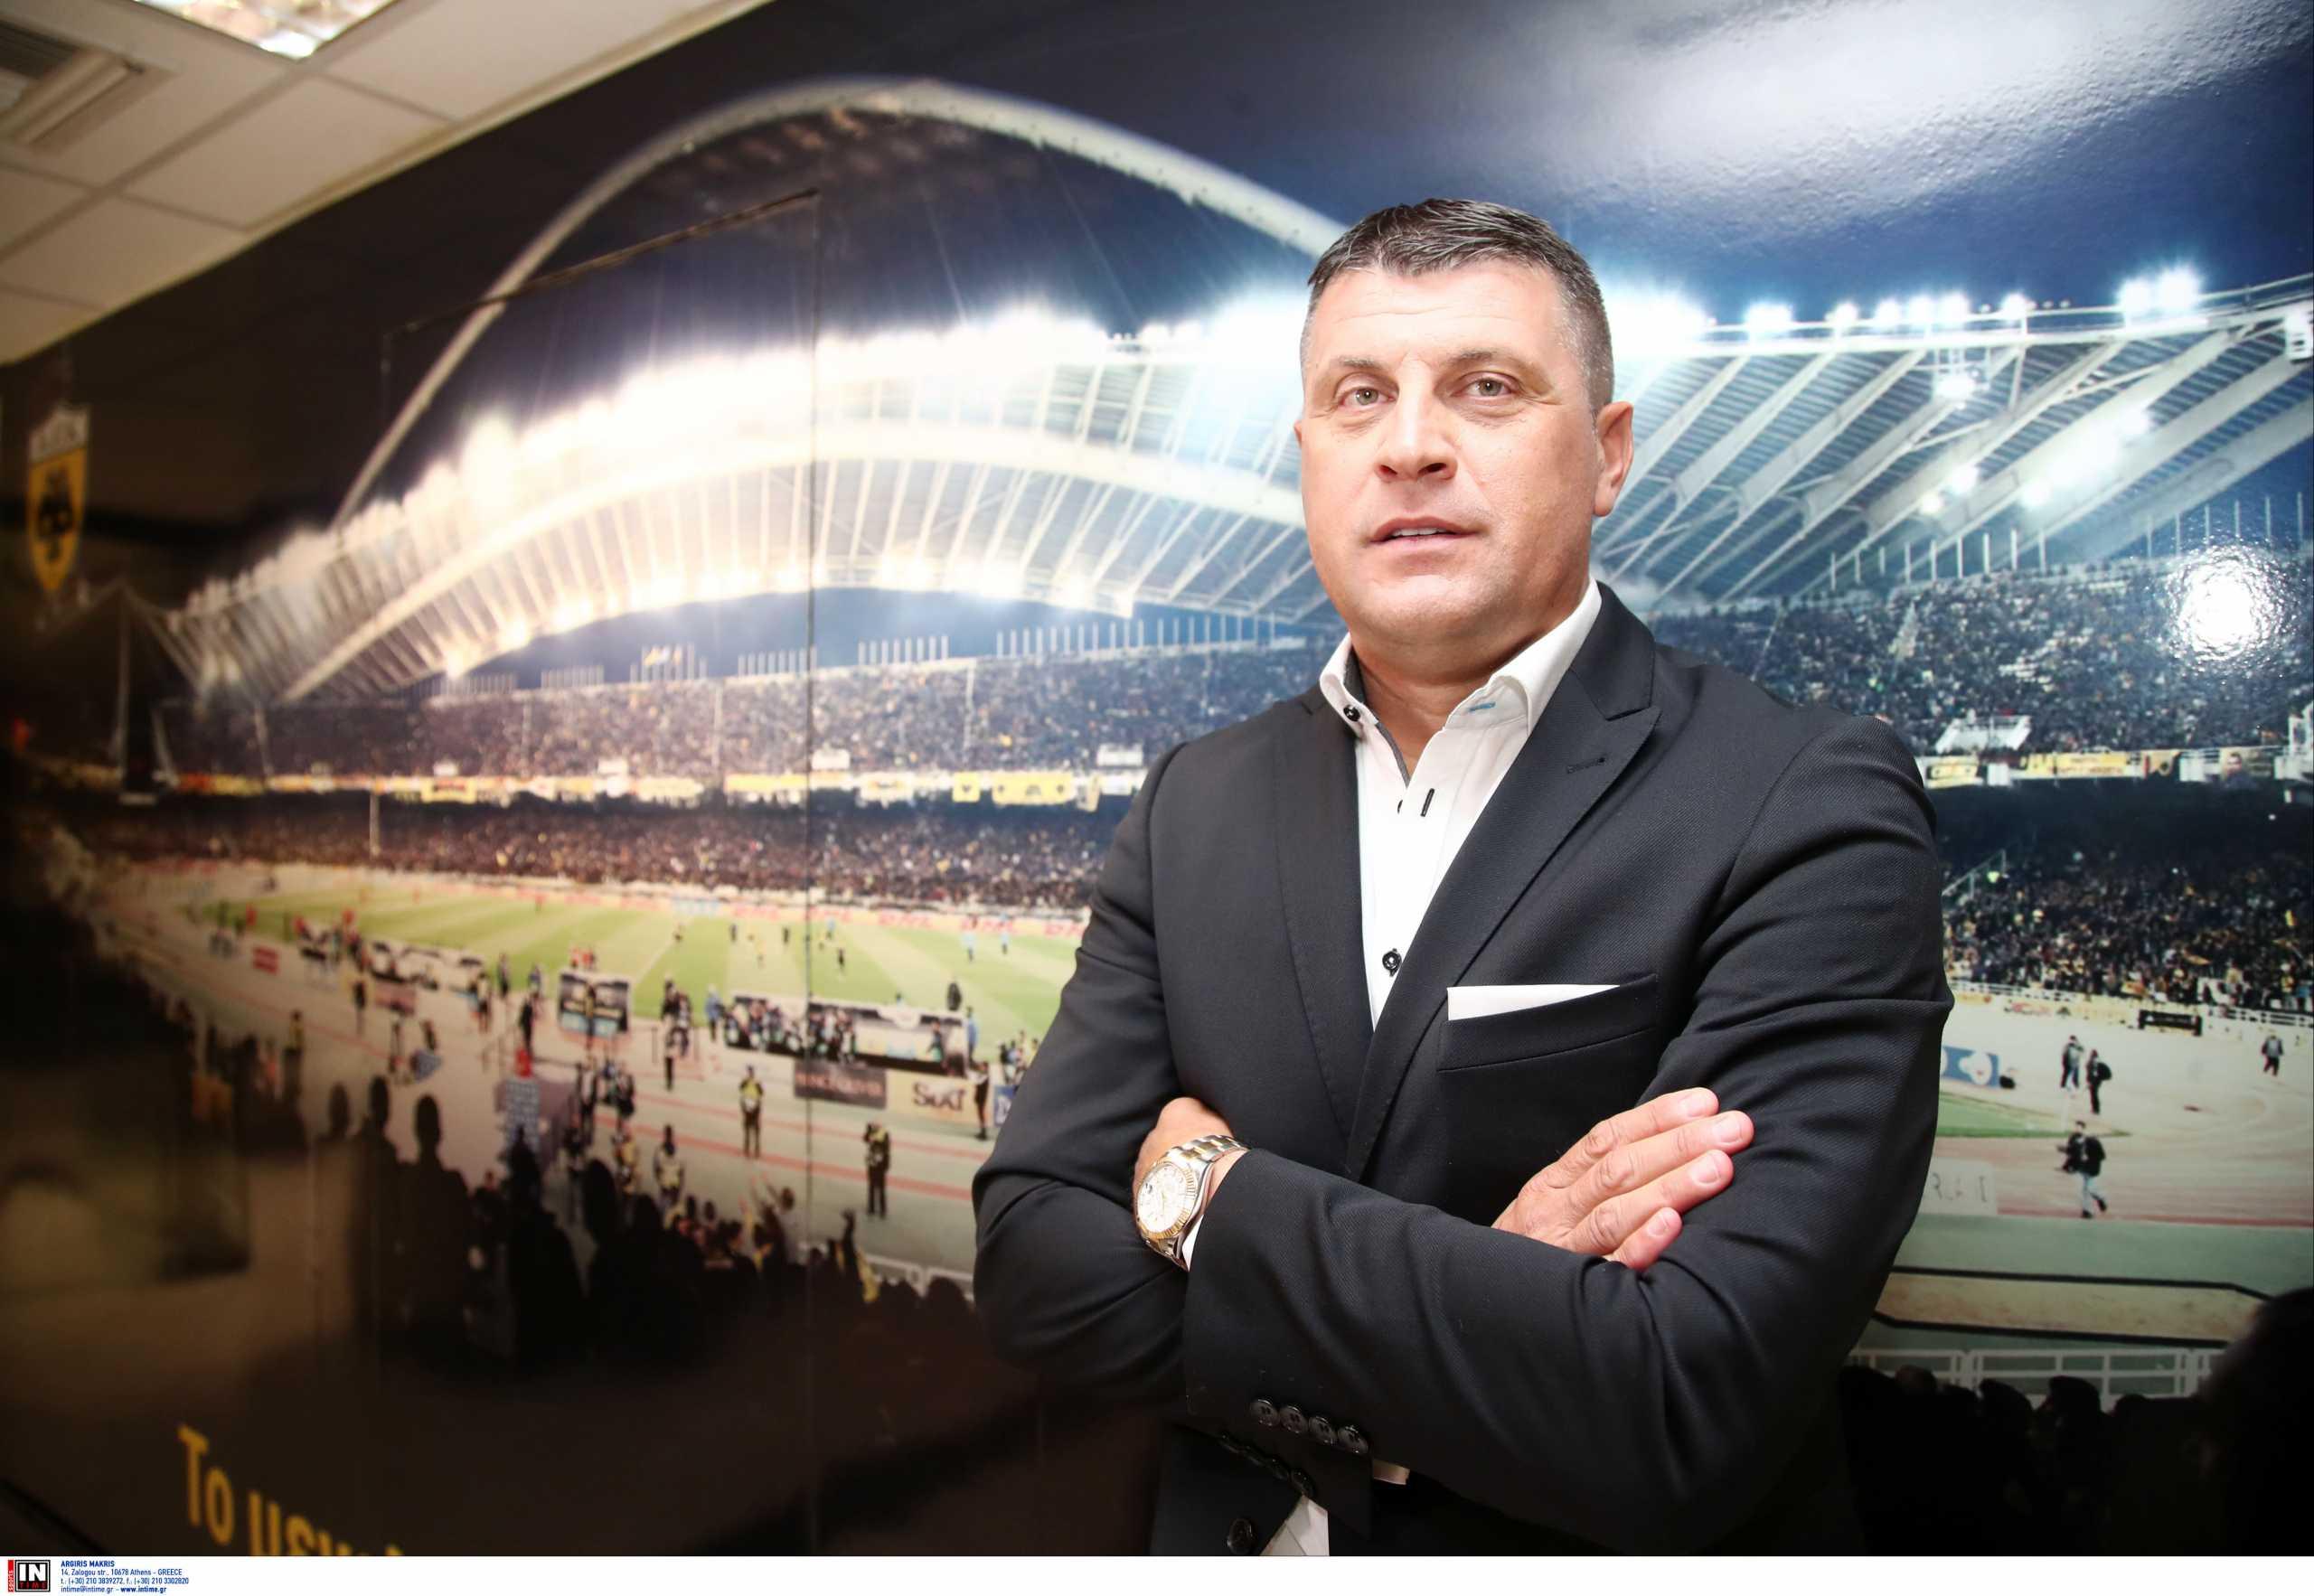 Μιλογεβιτς: «Είχα υποσχθεί στον Μελισσανίδη ότι κάποια μέρα θα ερχόμουν στην ΑΕΚ»